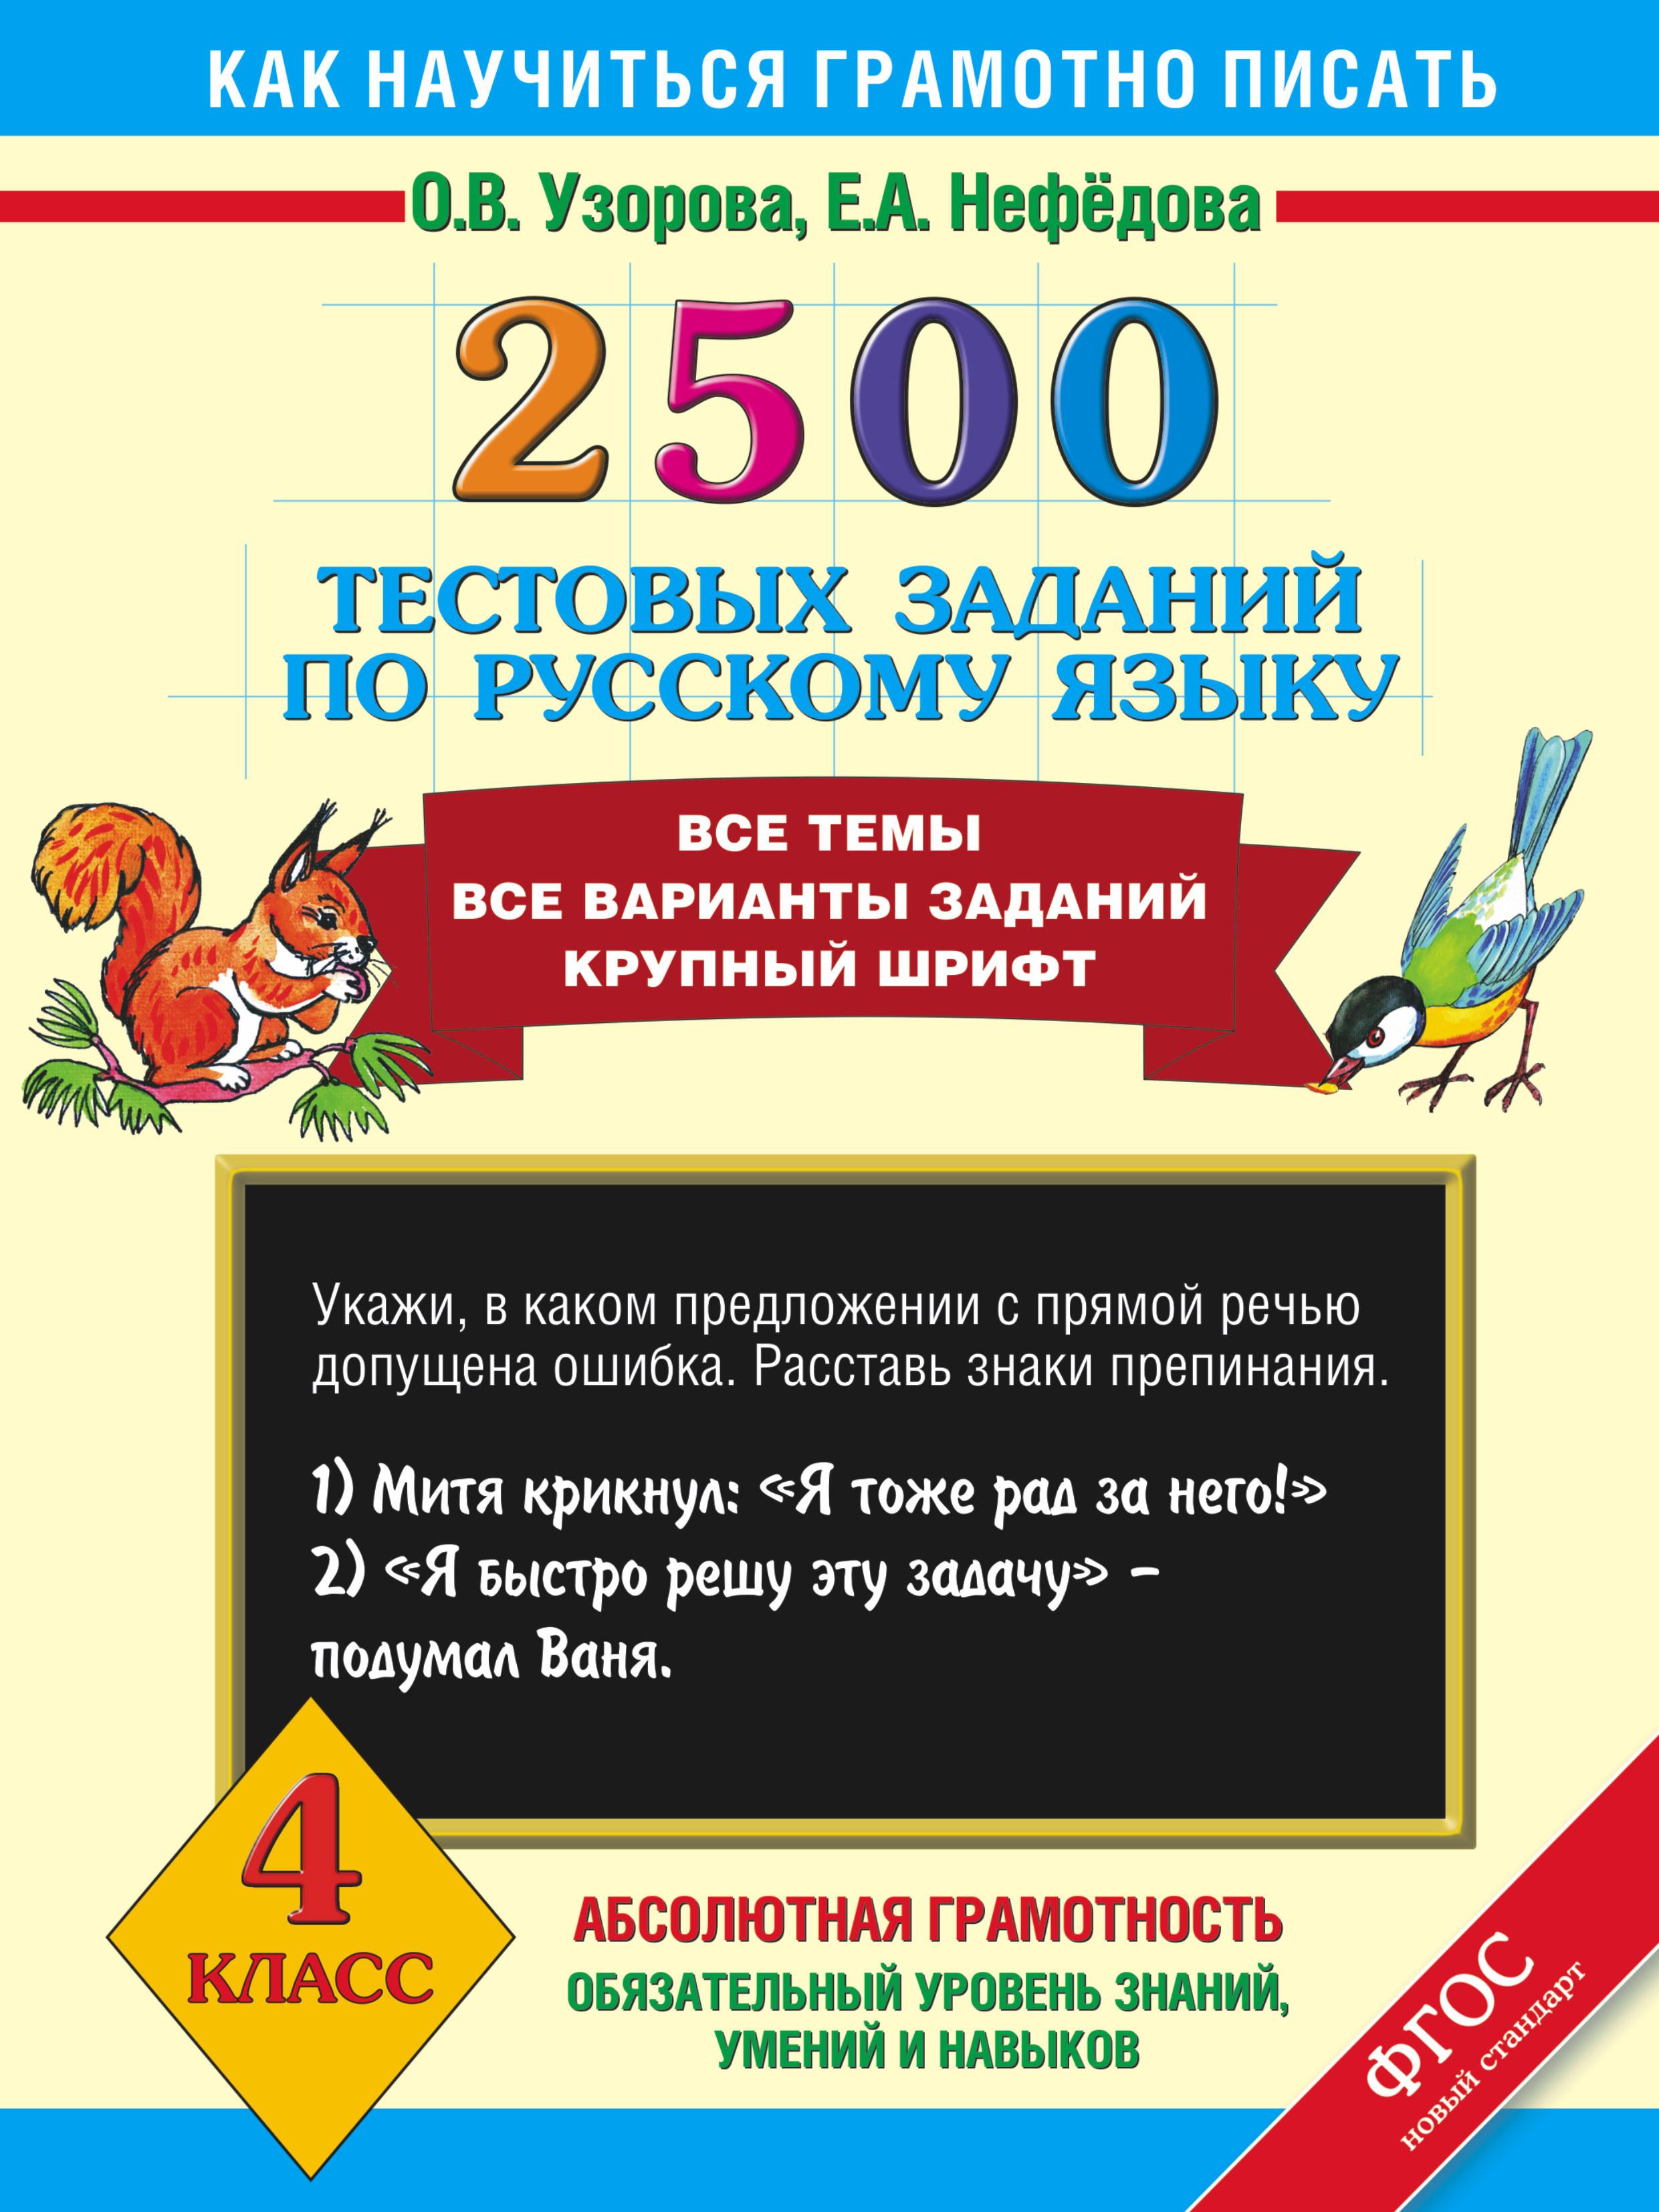 2500 тестовых заданий по русскому языку. 4 класс ( Узорова О.В., Нефедова Е.А.  )